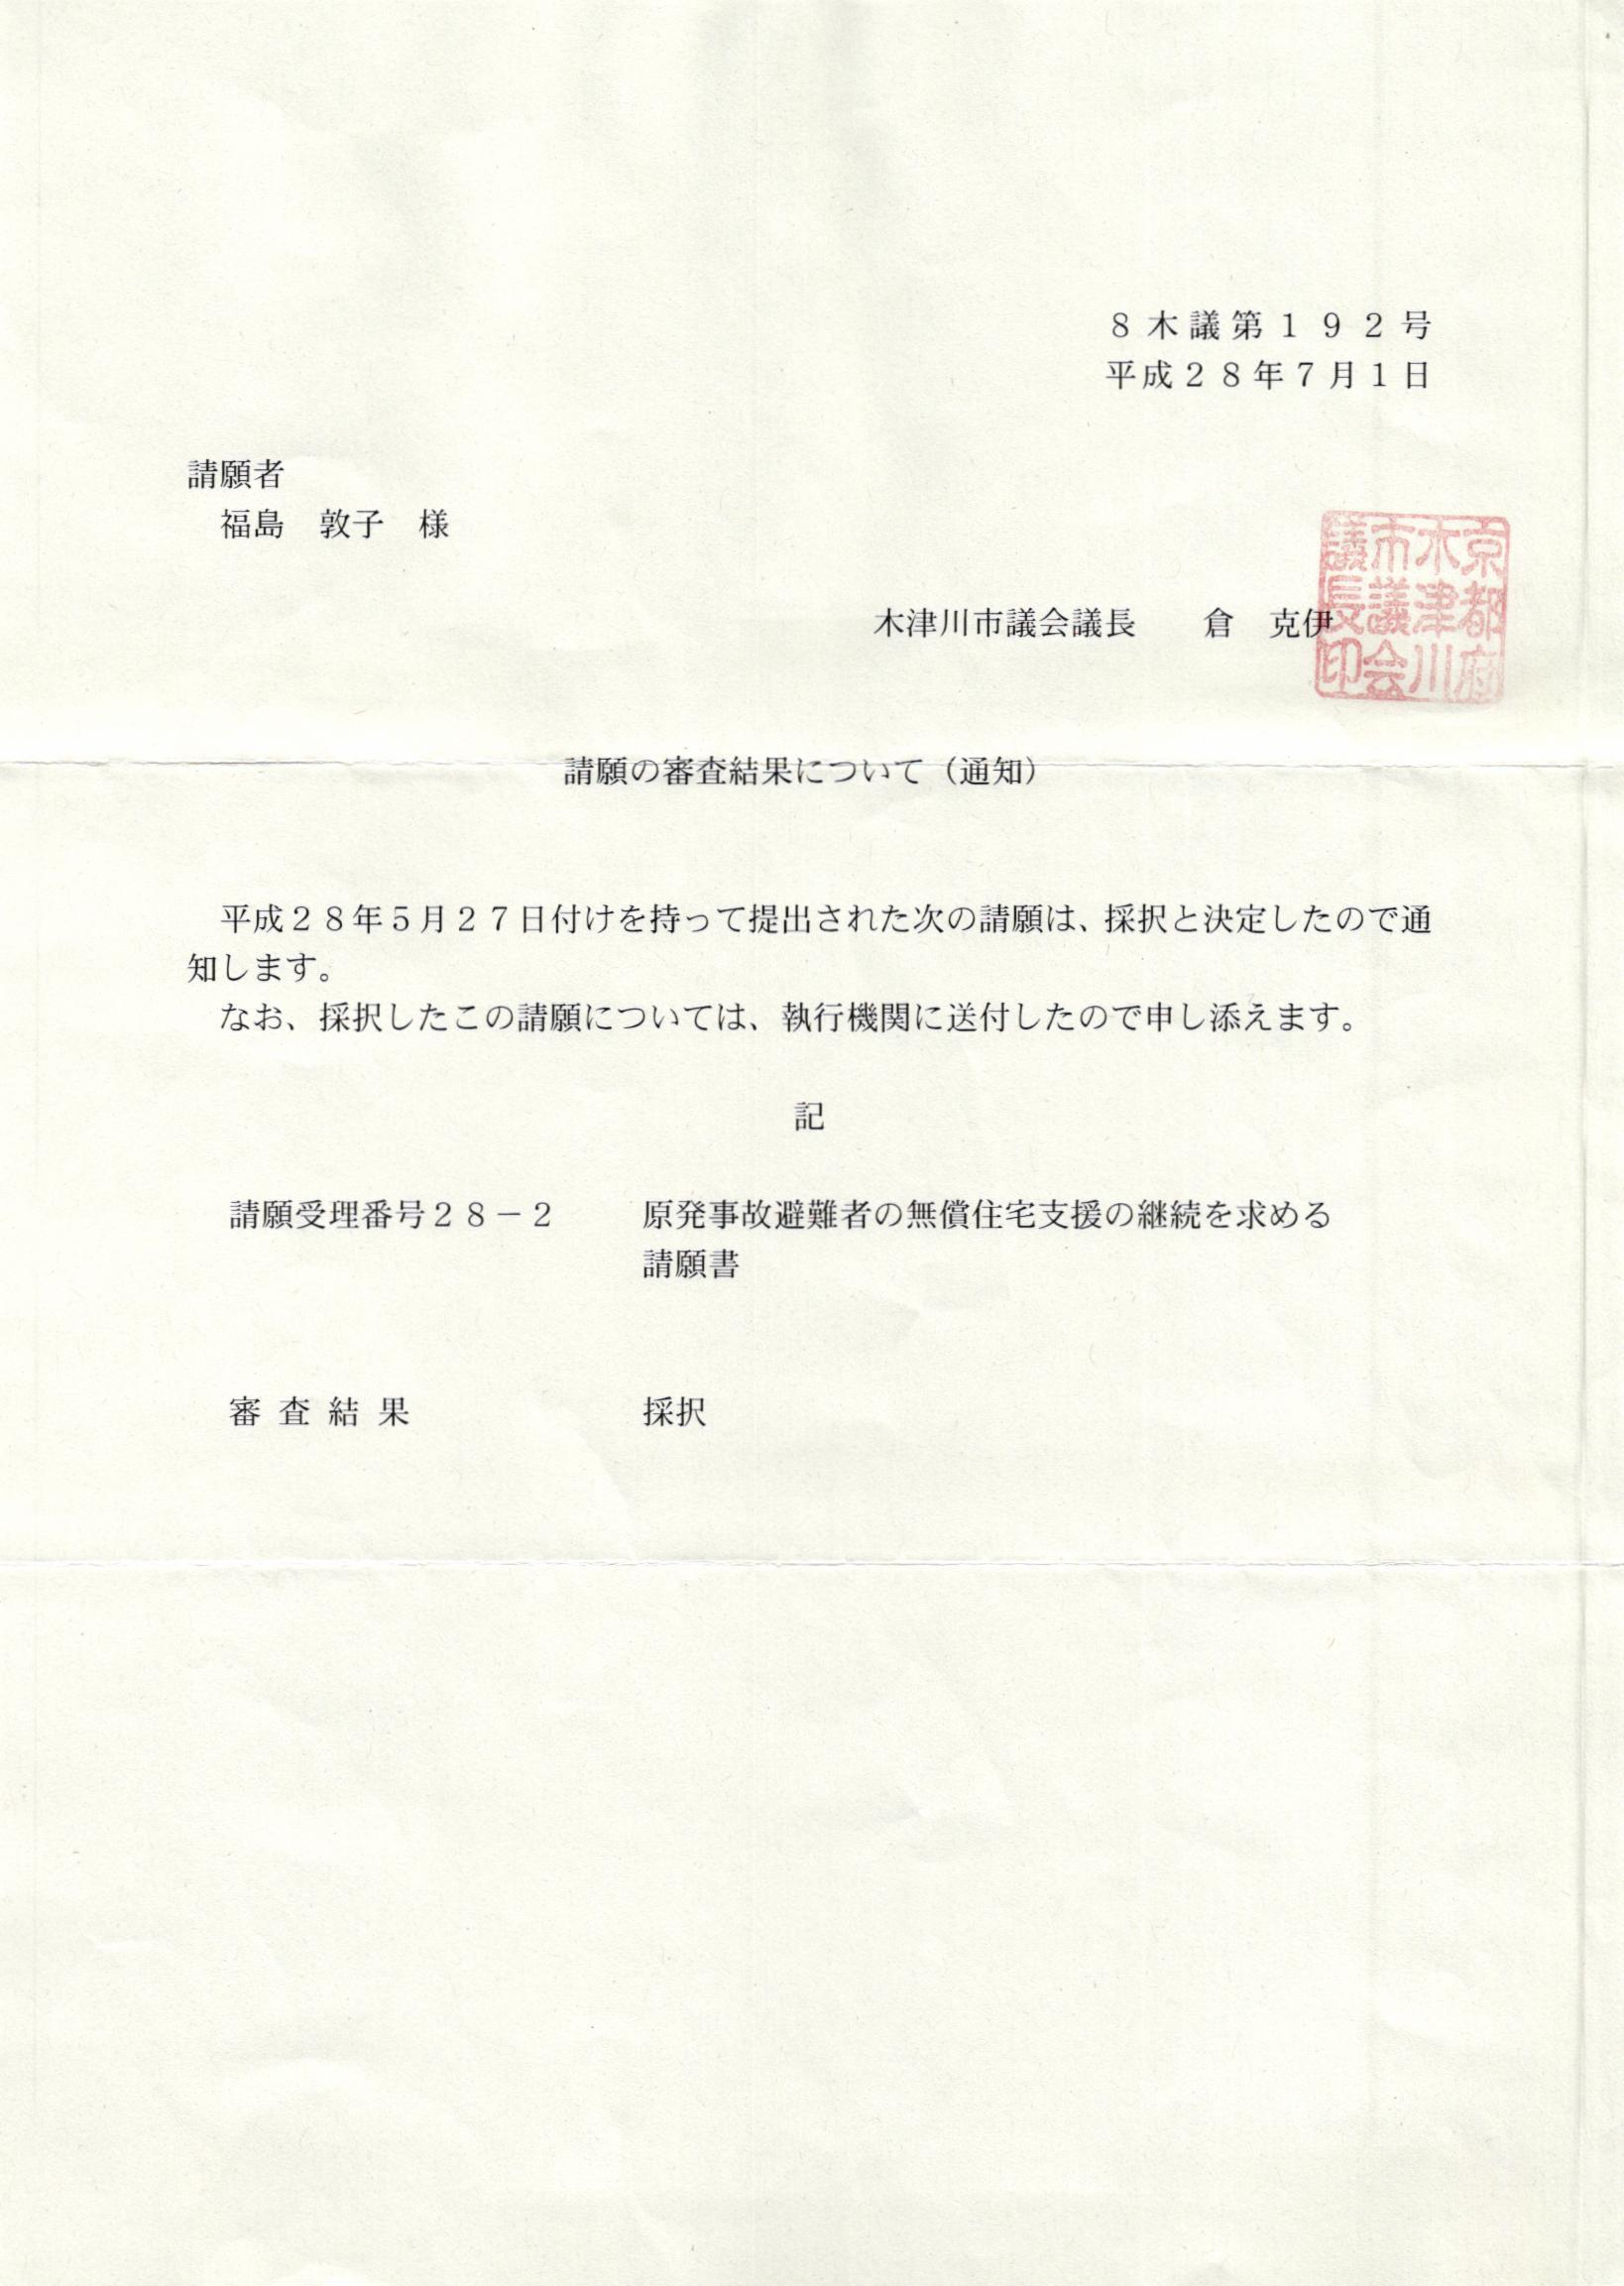 木津川市議会で採択された意見書_a0224877_00435417.jpg